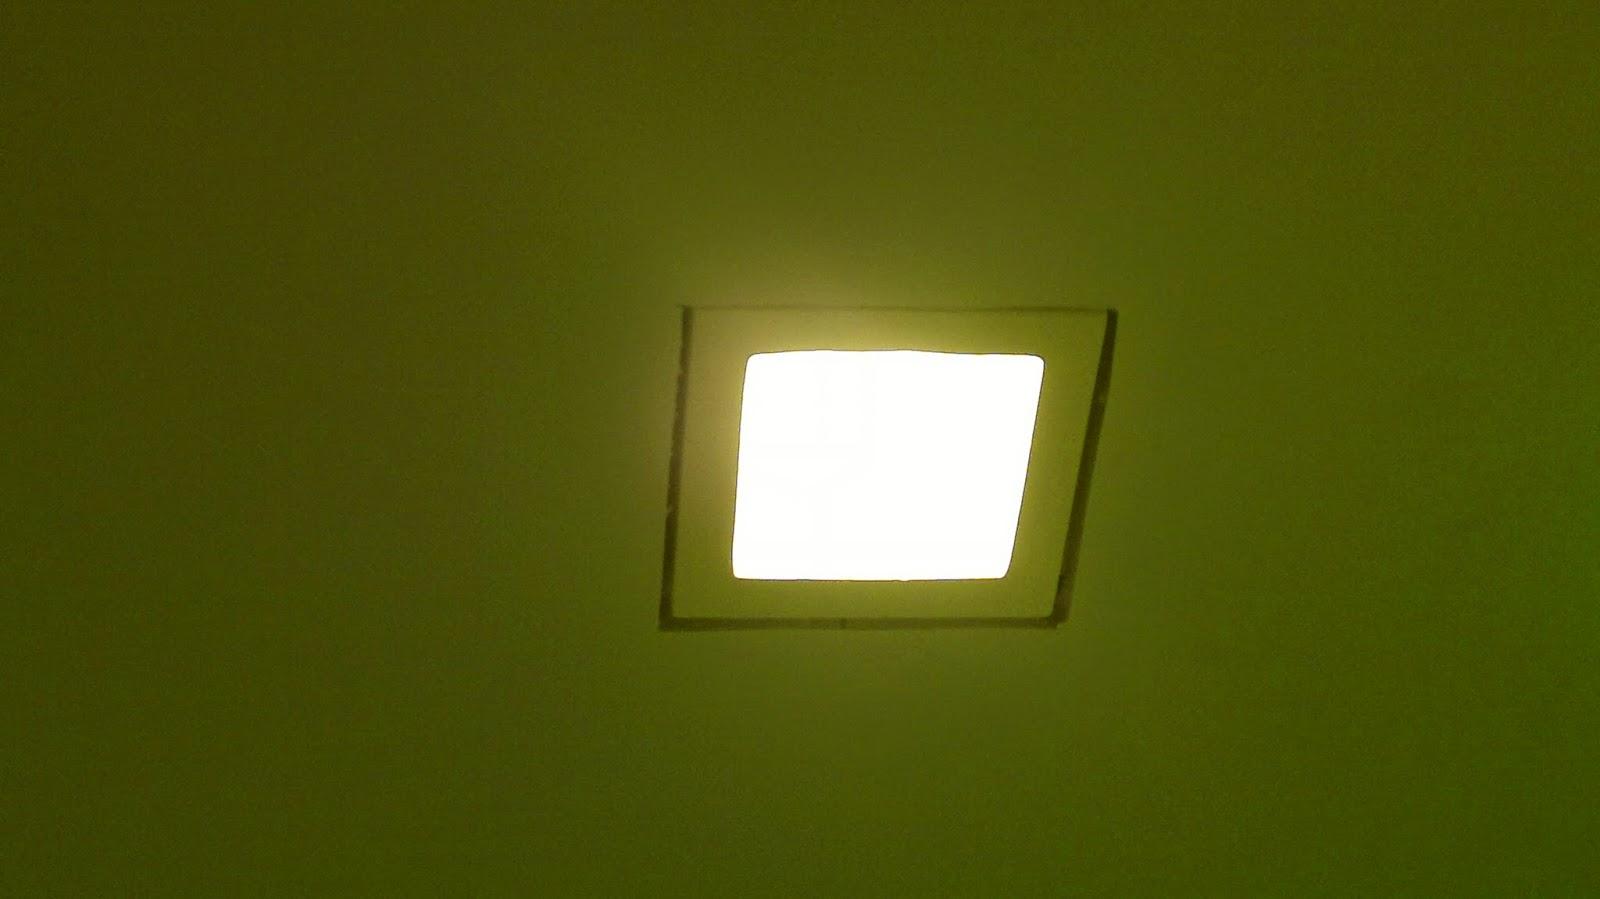 Illuminazione led casa maggio 2014 for Illuminazione led